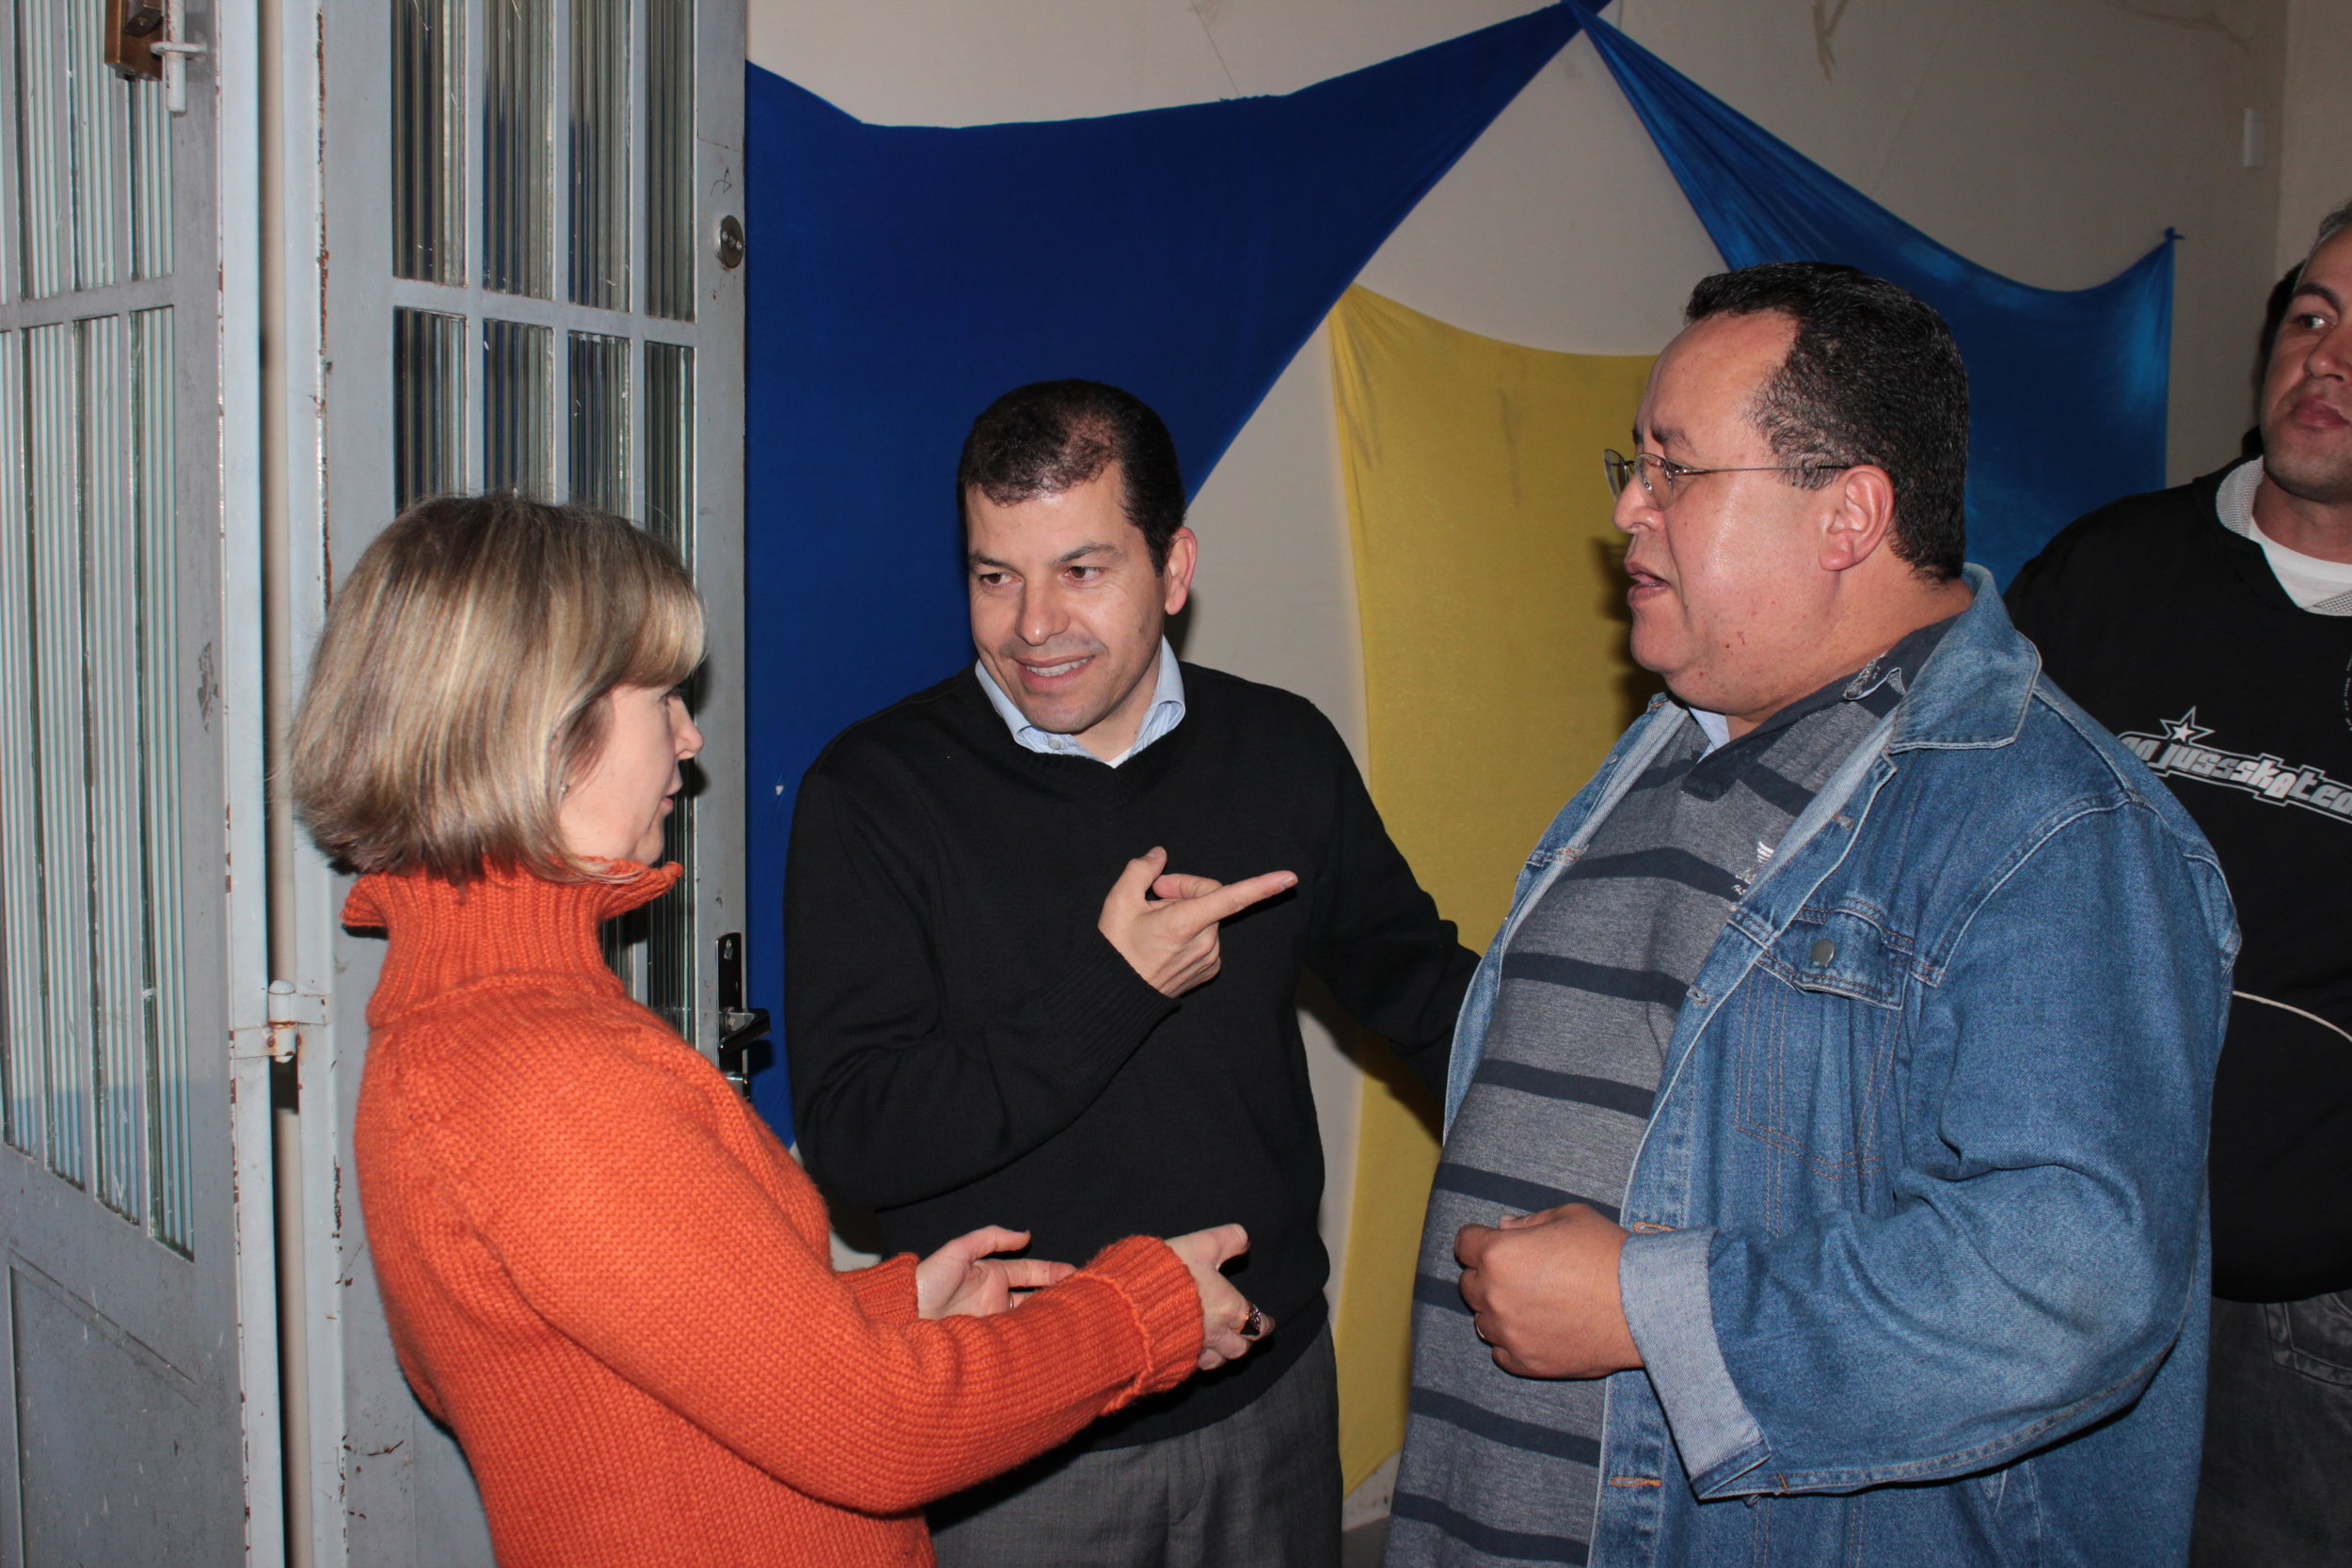 Lancamento Candidatura Serginho 2012 - Salao Rosario de Belem (27).JPG